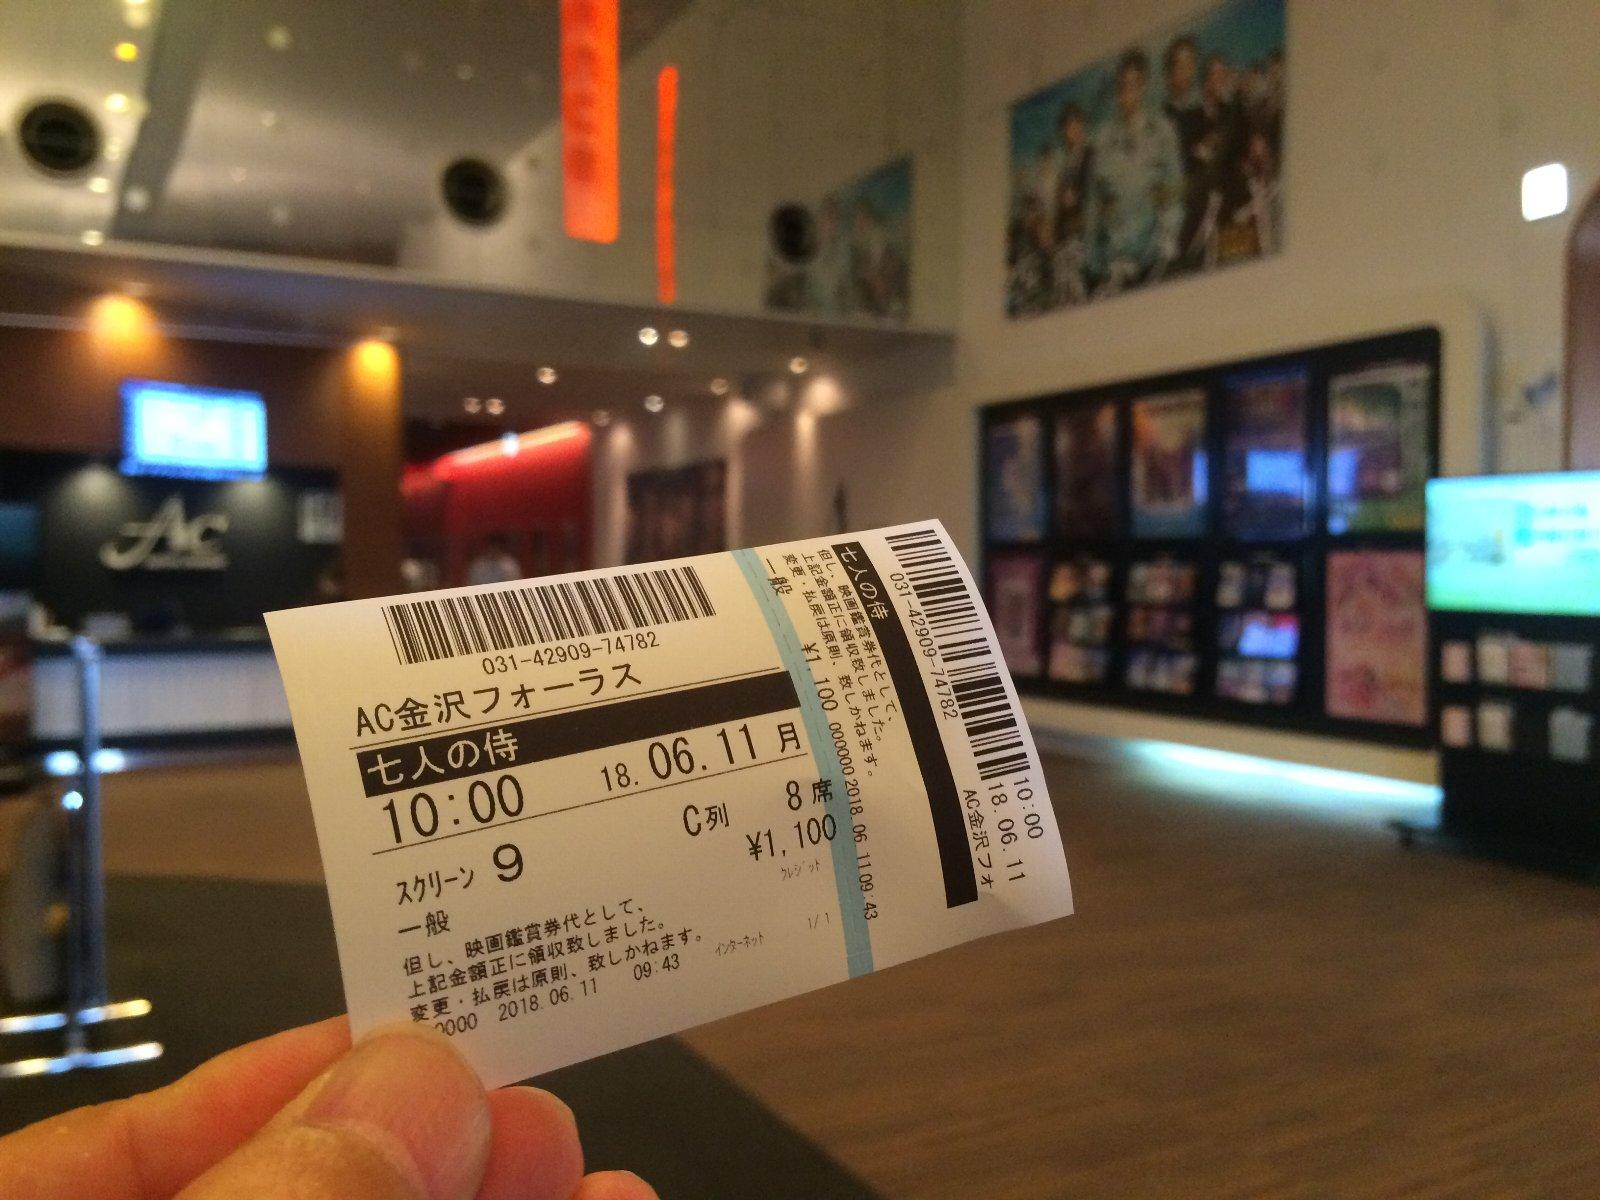 20180611 イオンシネマ金沢フォーラス チケット